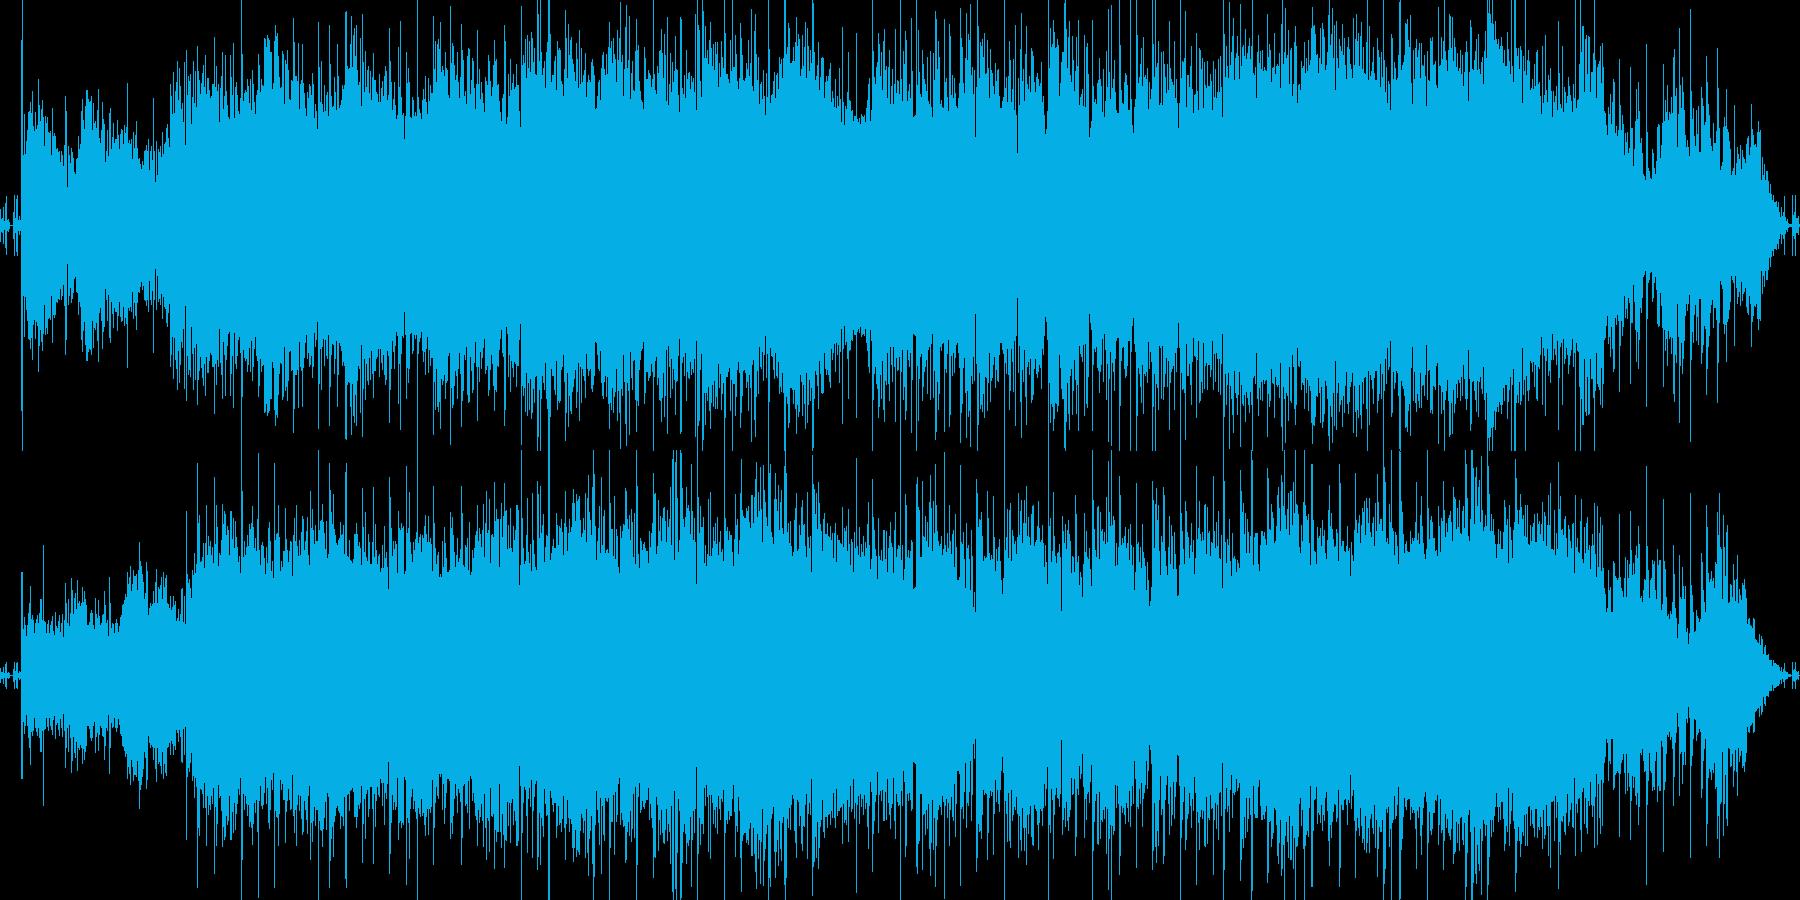 日常を彩るドラマチックなオシャレBGMの再生済みの波形